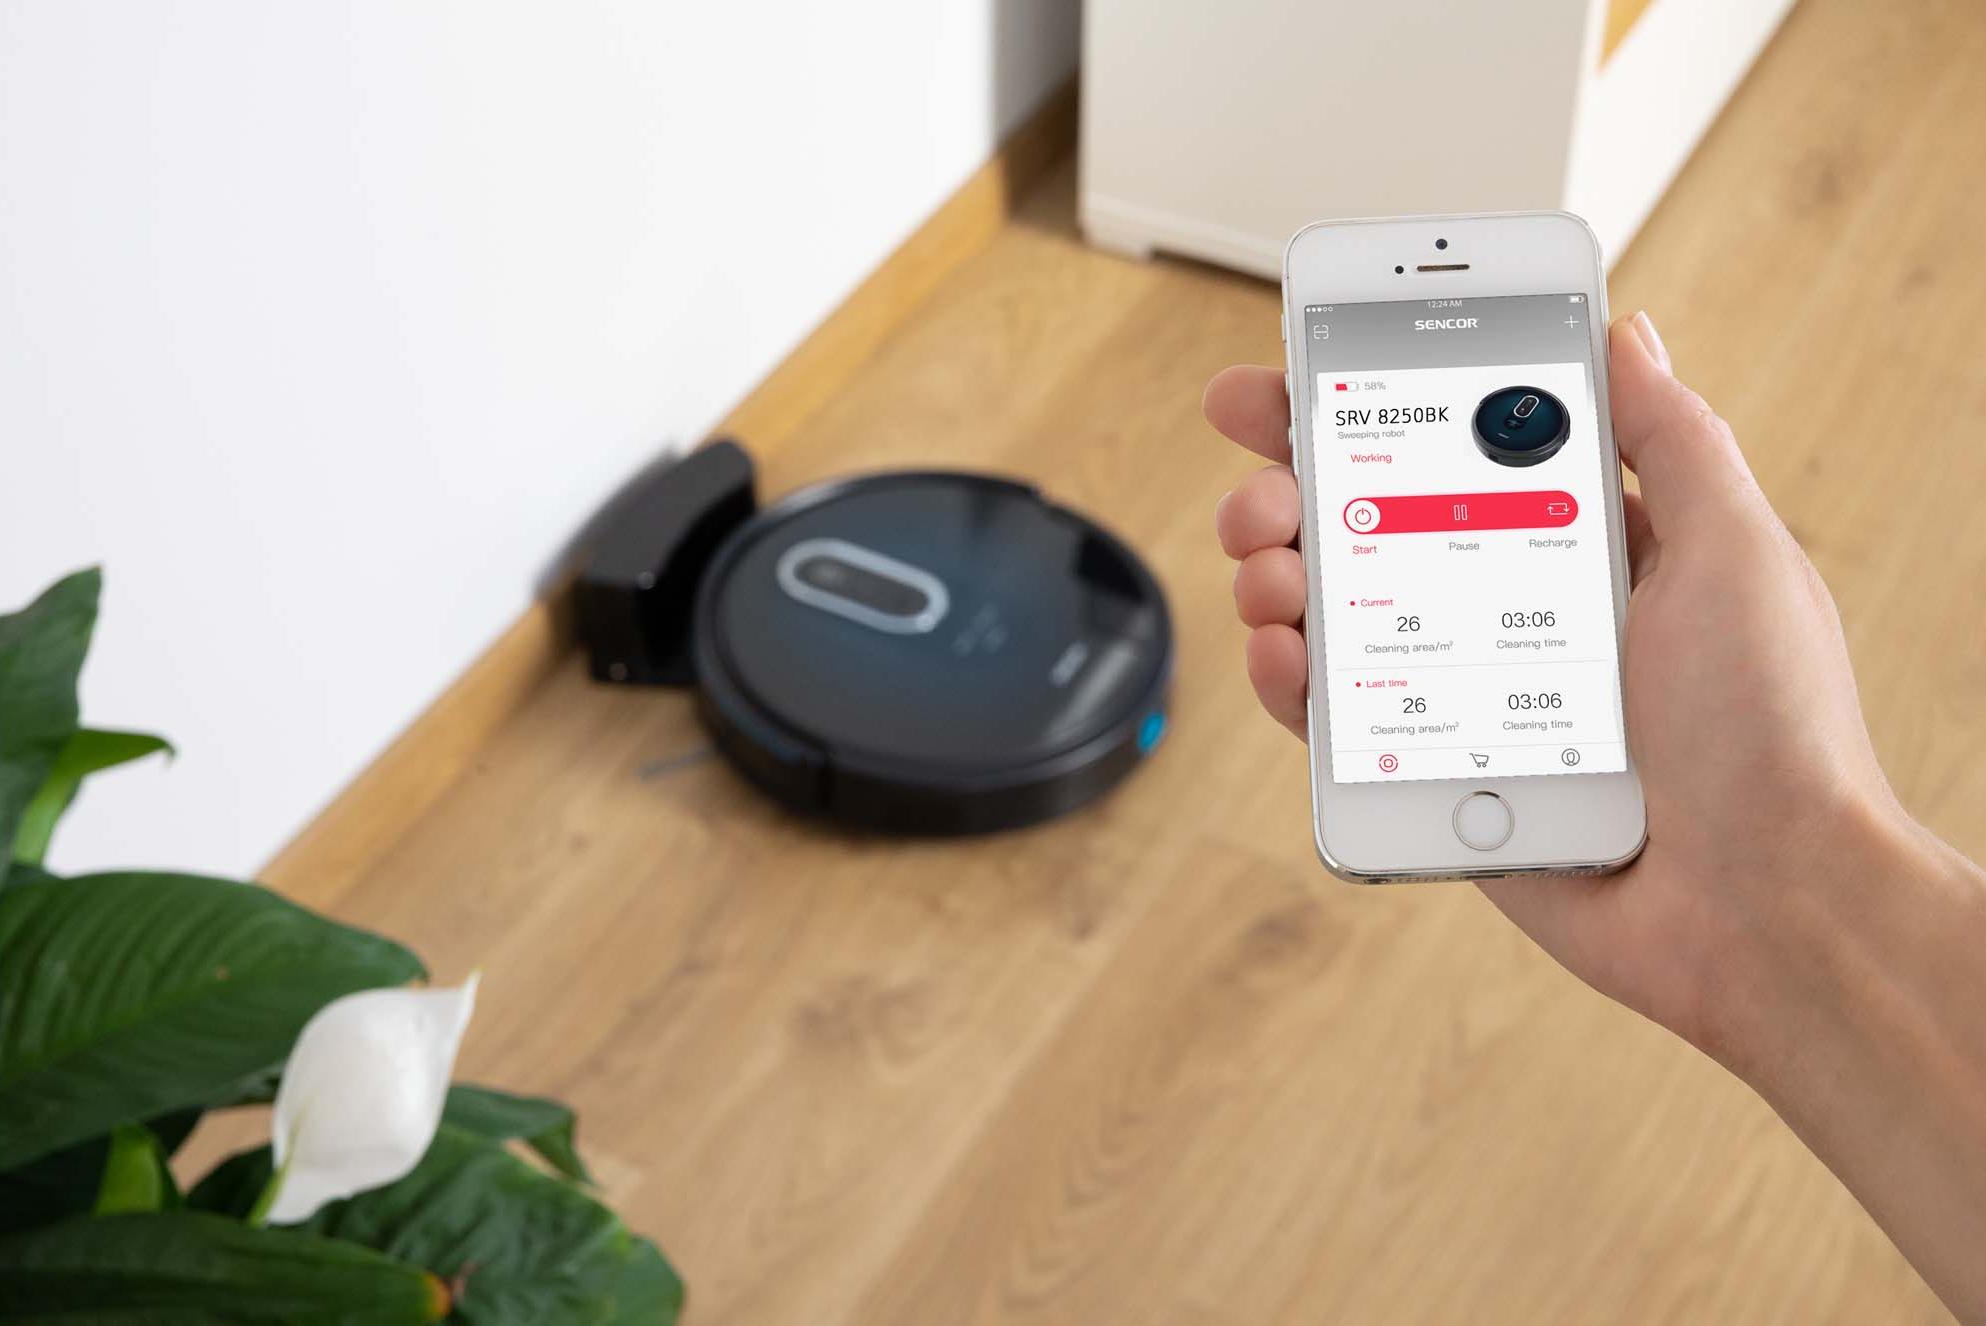 Sencor SRV 8250BK Užijte si ovládání prostřednictvím mobilní aplikace